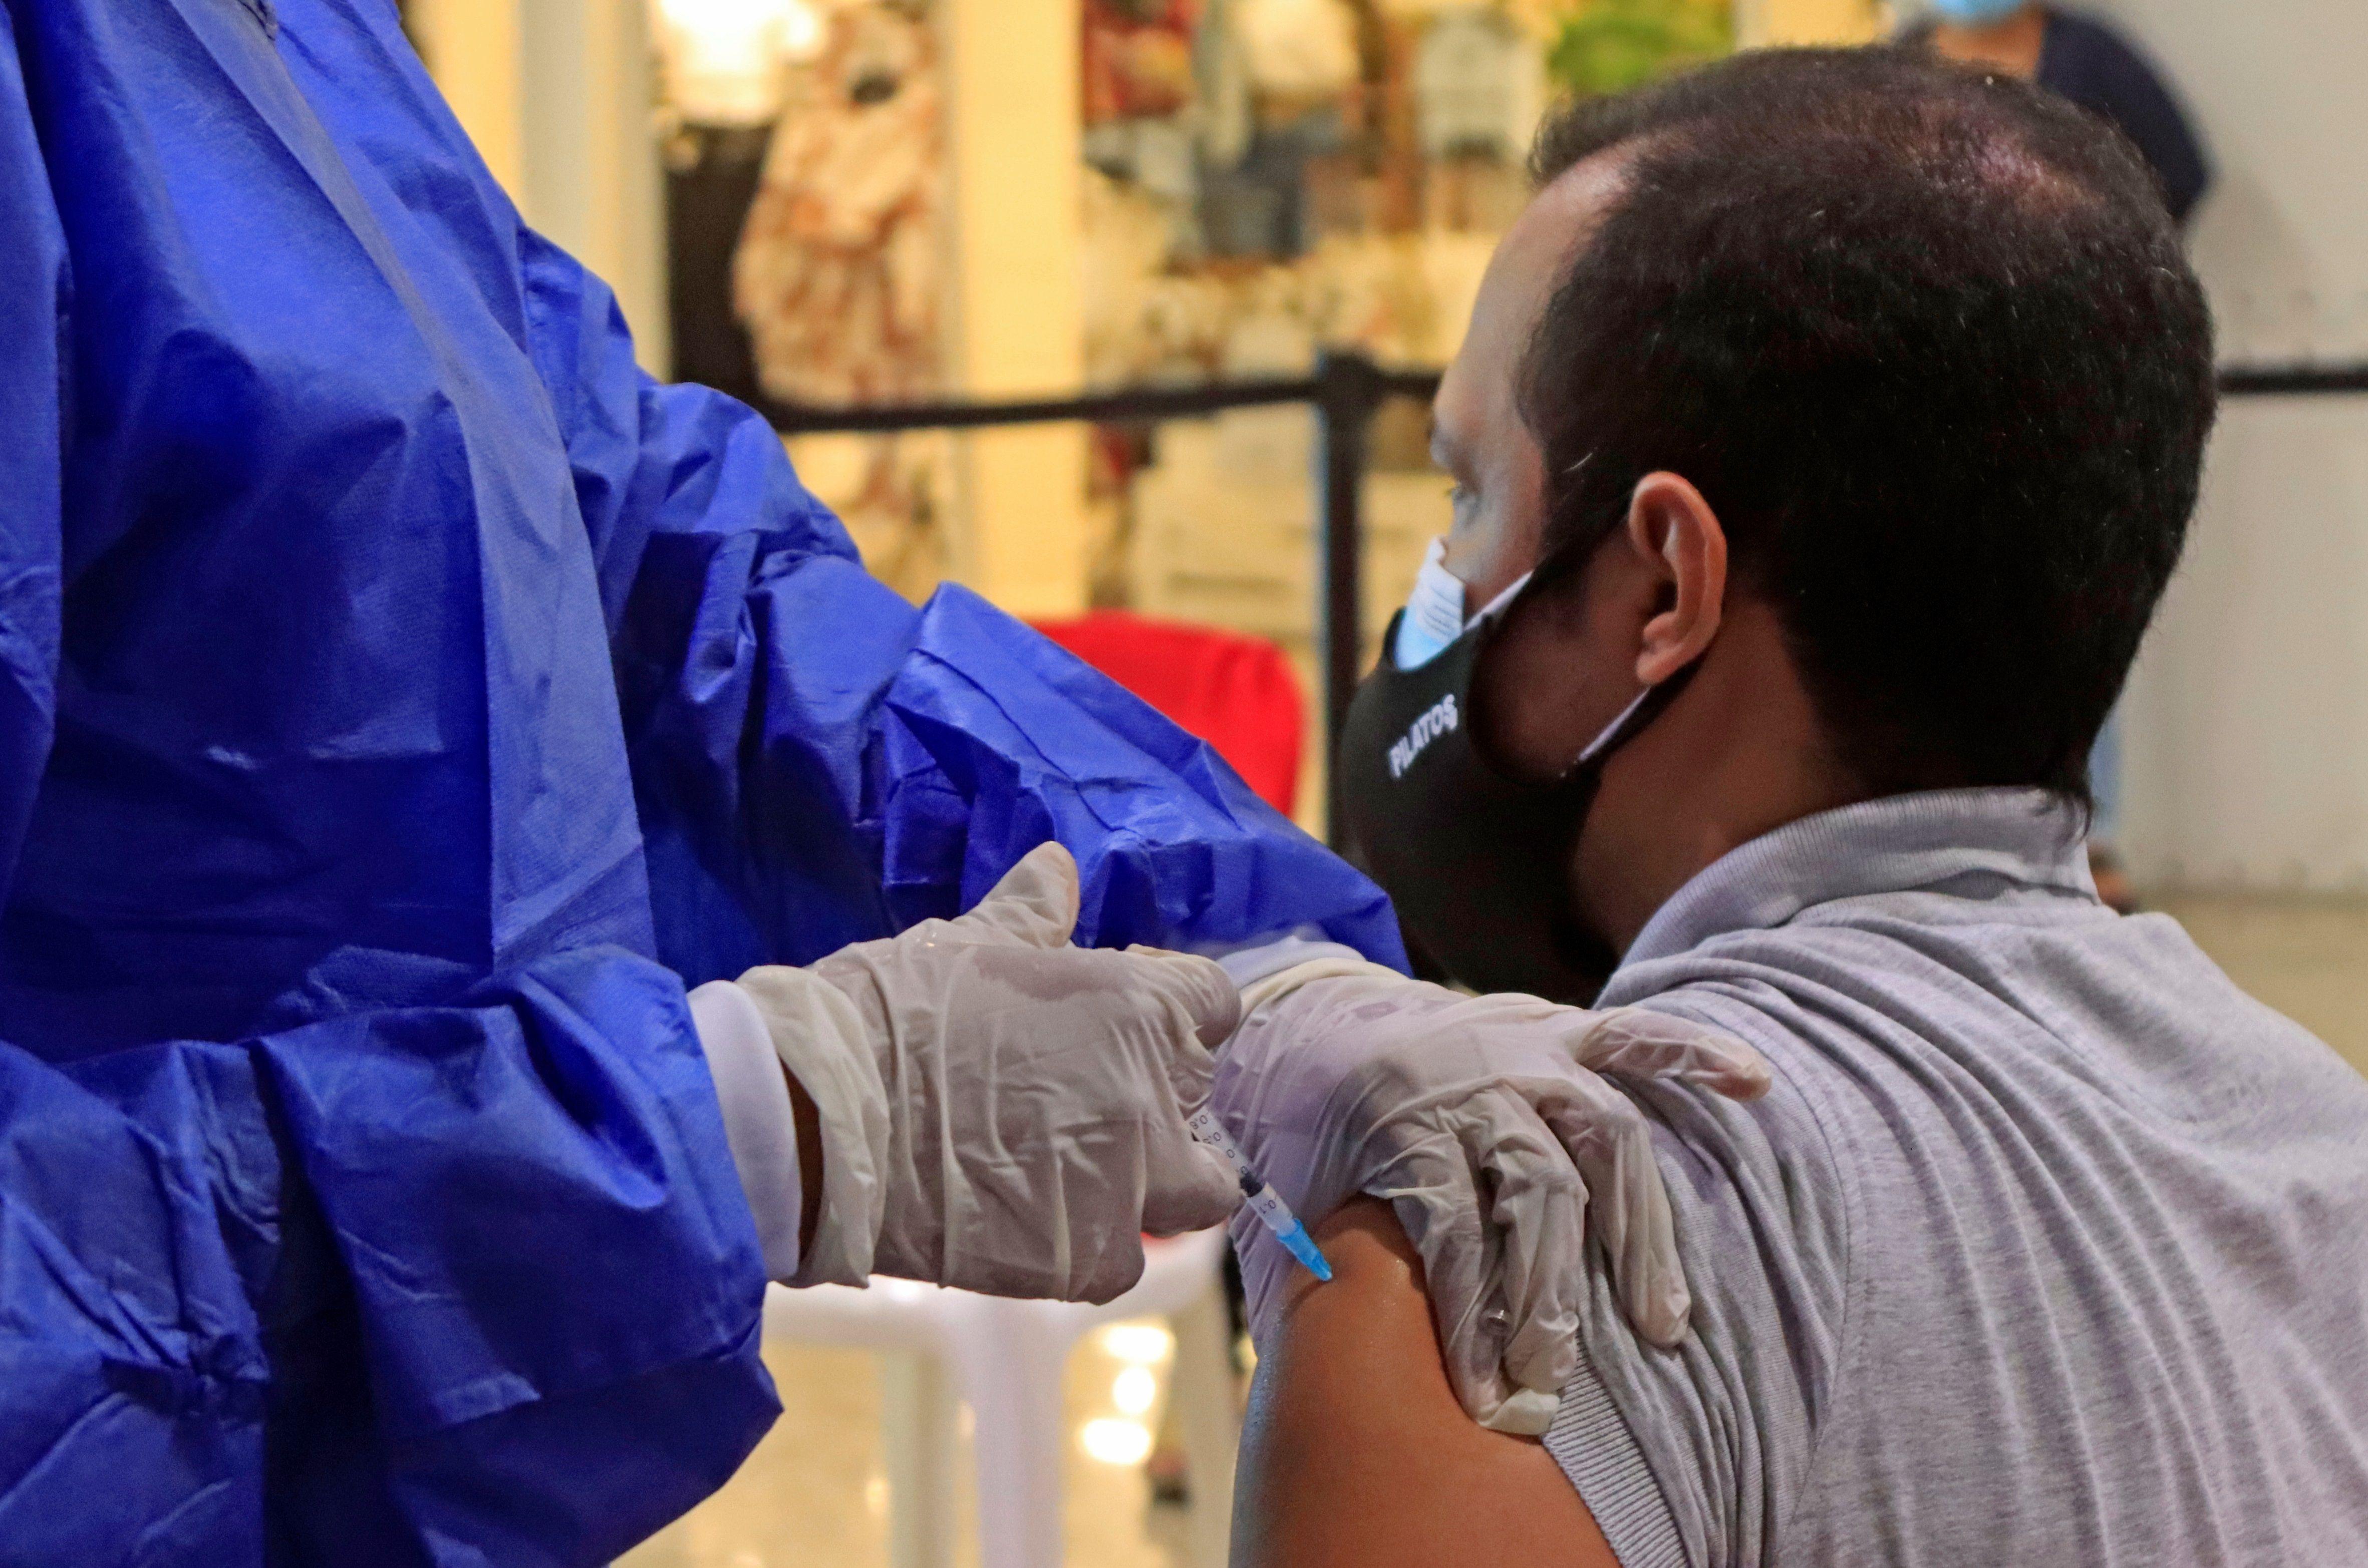 Una enfermera inyecta una dosis de una vacuna contra la covid-19 el 4 de junio de 2021 en uno de los centros comerciales adecuados para la vacunación masiva en Cartagena de Indias (Colombia). Foto: EFE/RICARDO MALDONADO ROZO